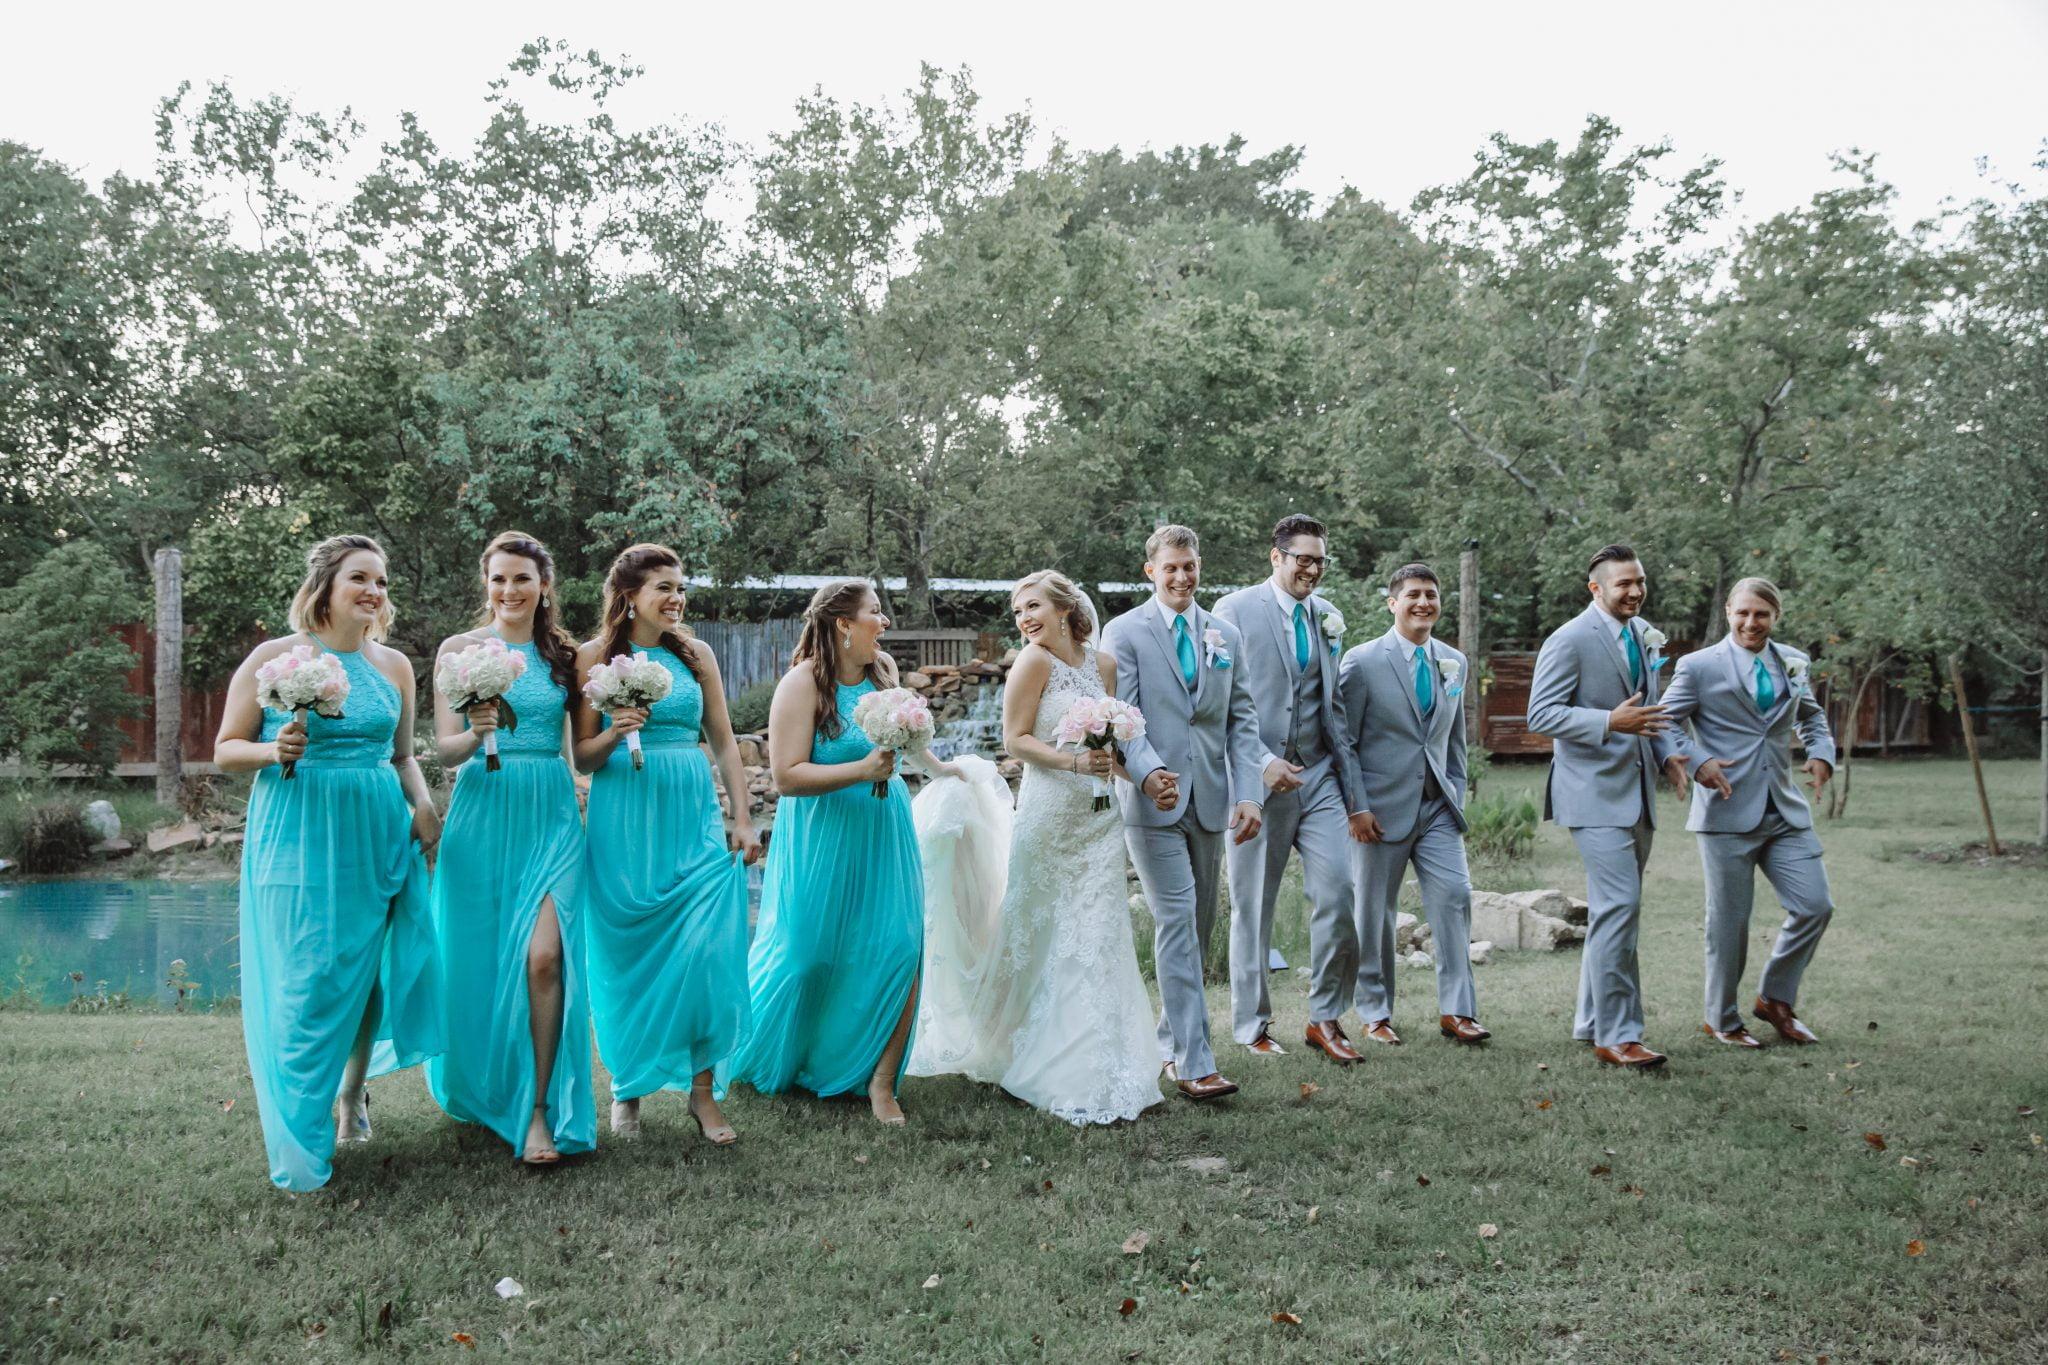 rustic outdoor wedding bridal party